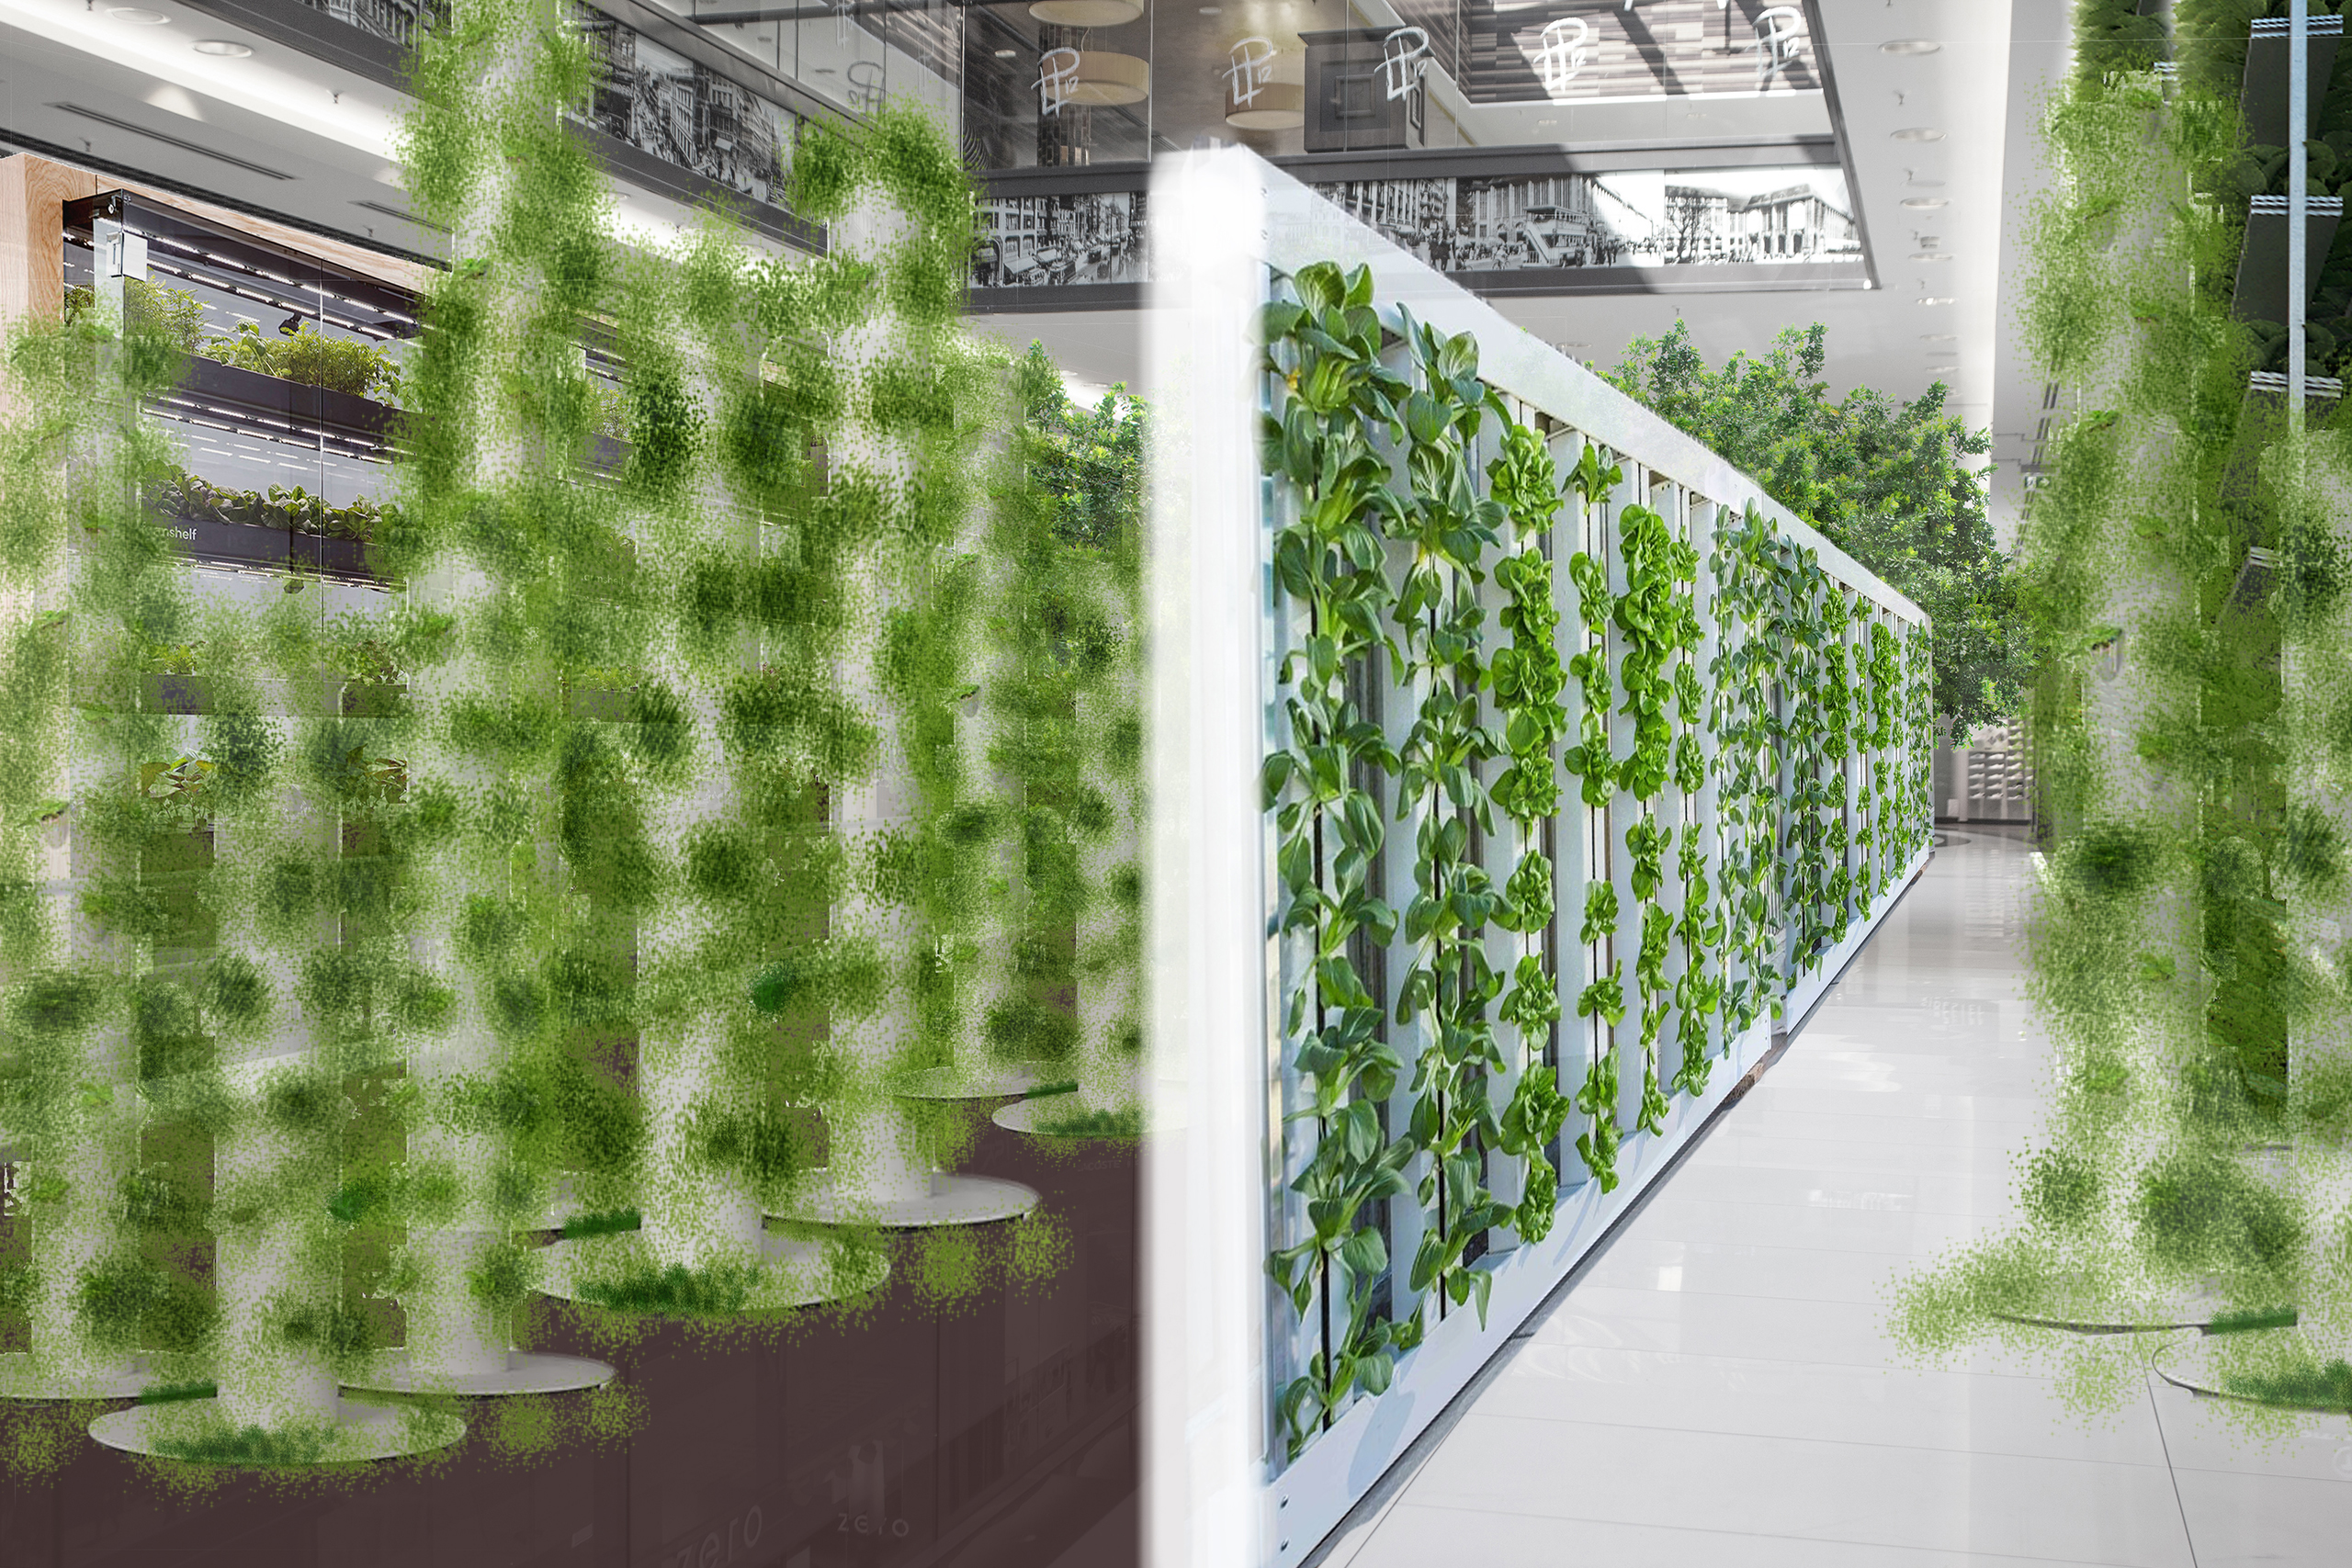 Ausstellung Präsentation Phaneomen Shoppingcenter Raumgestaltung Conceptdesign Inszenierung Reuse Kapitalismus Museum Shopdesign Mall Modelle Verwilderung